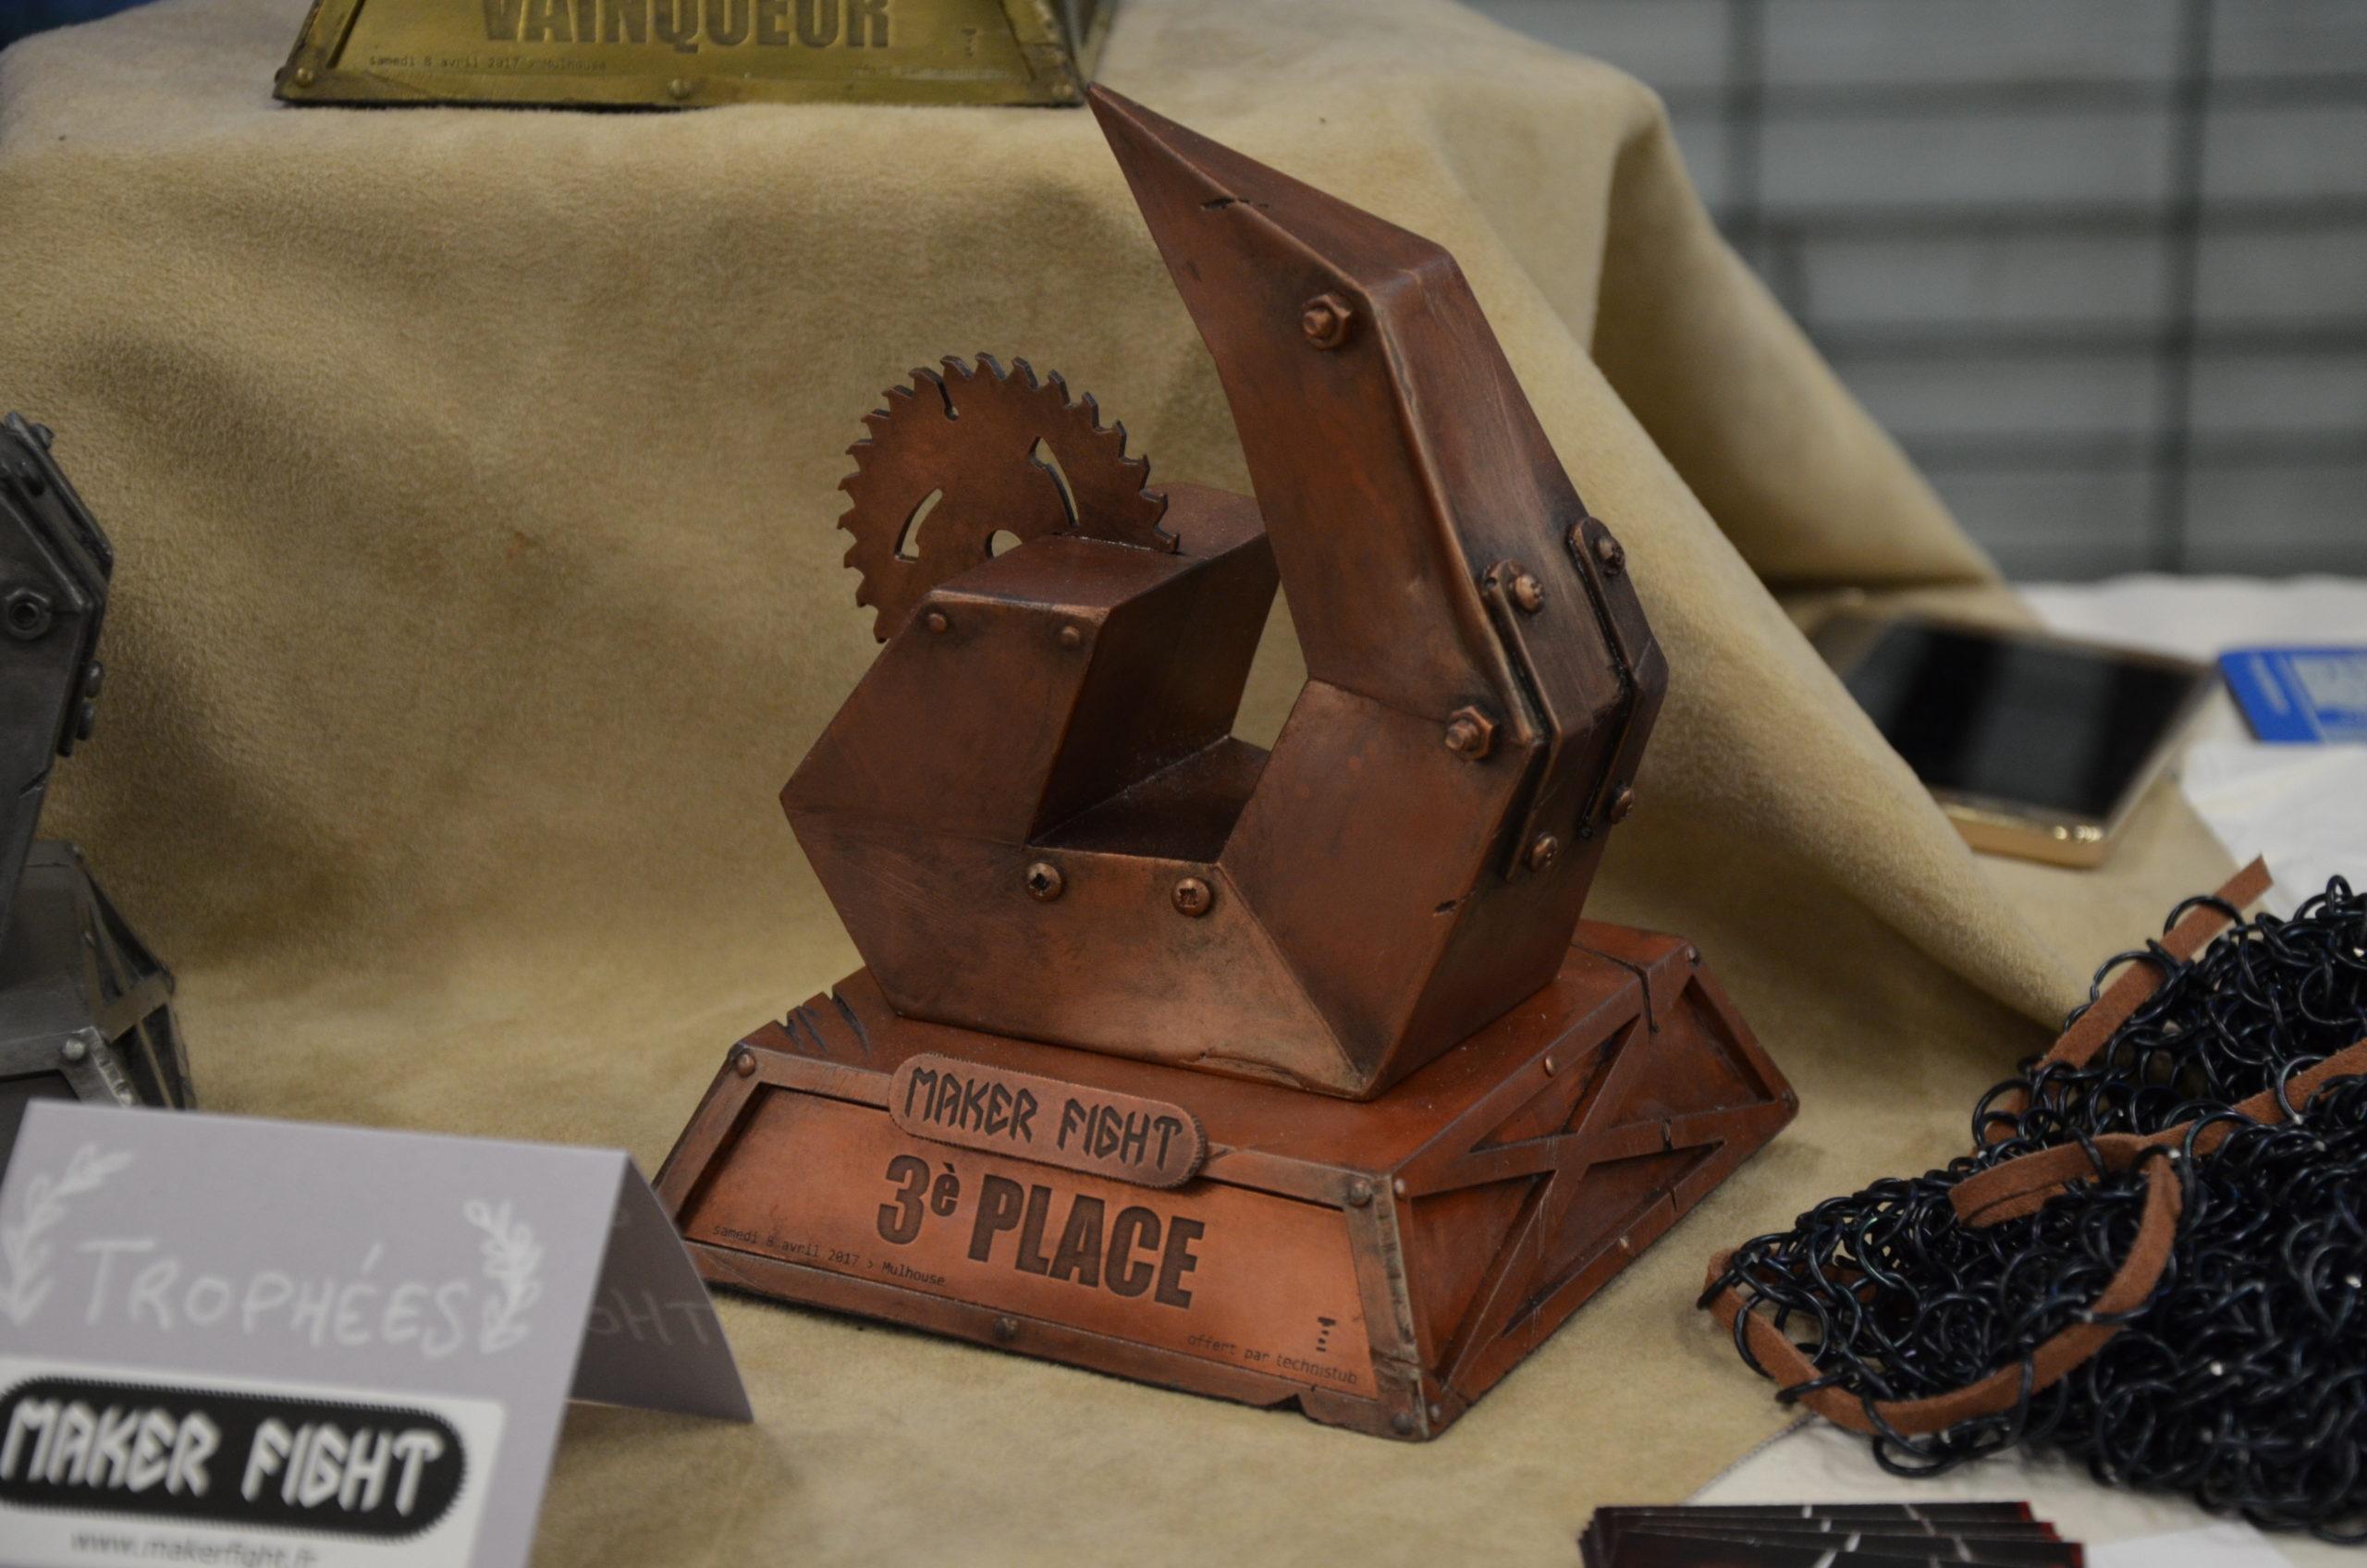 Trophées Makerfight : 3ème place